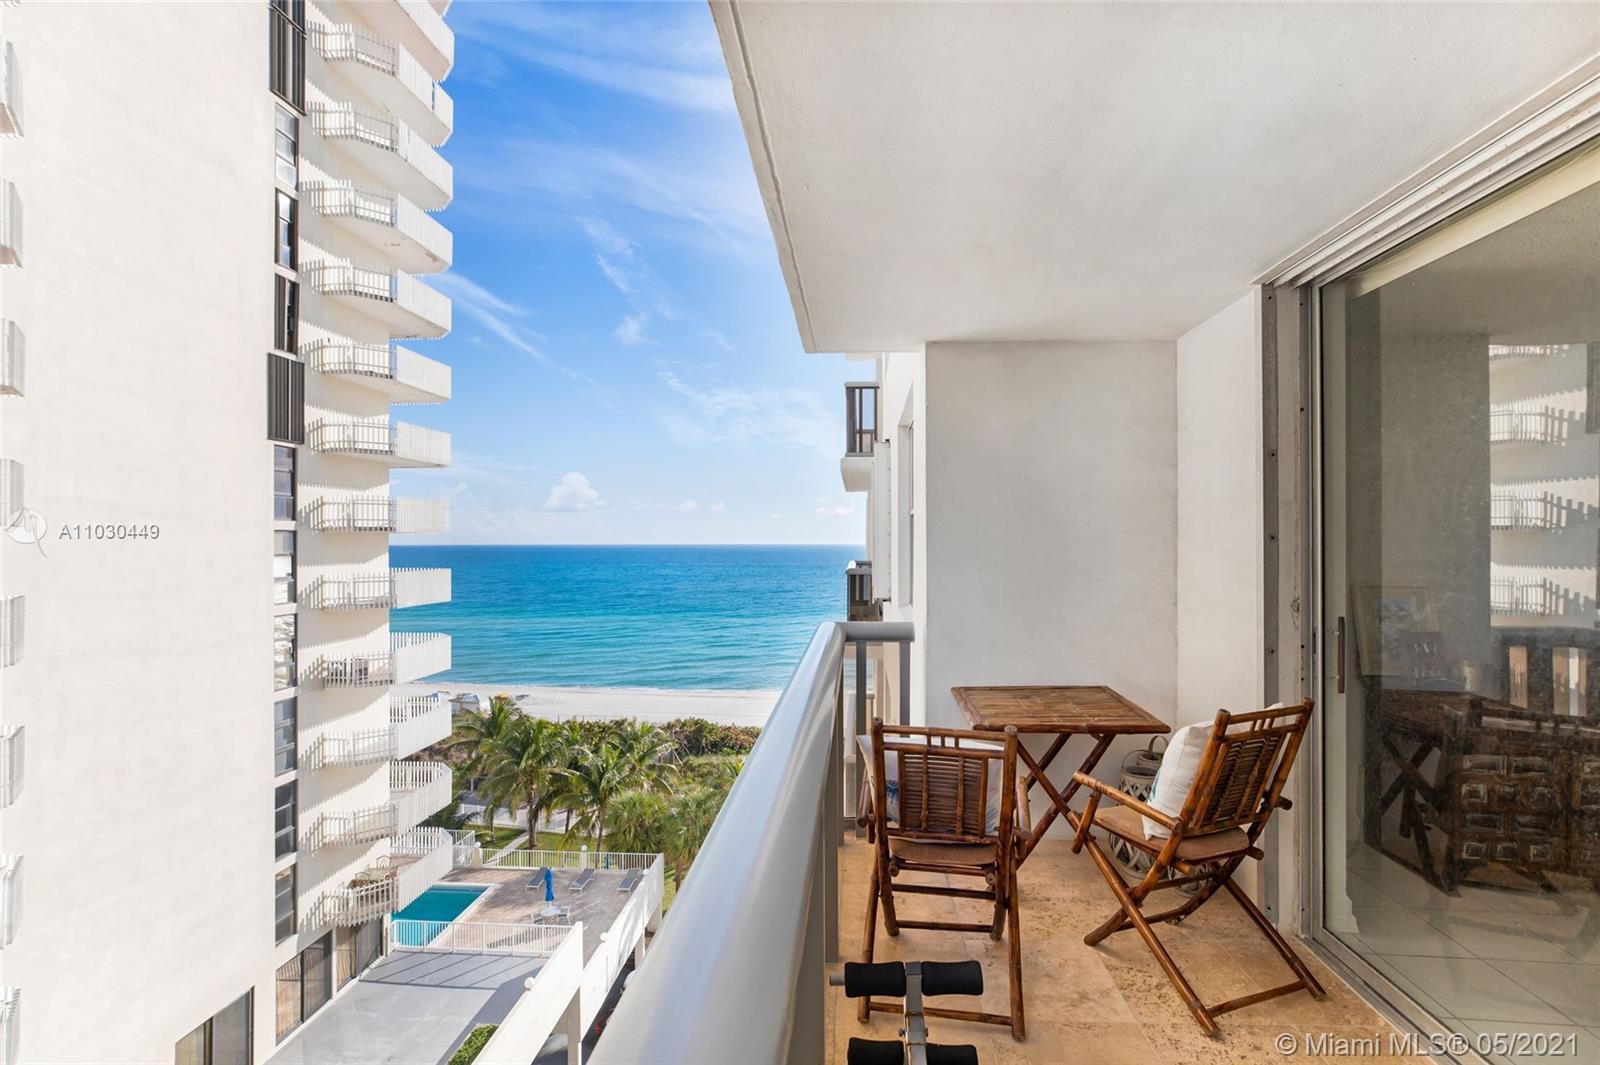 Maison Grande #903 - 6039 Collins Ave #903, Miami Beach, FL 33140